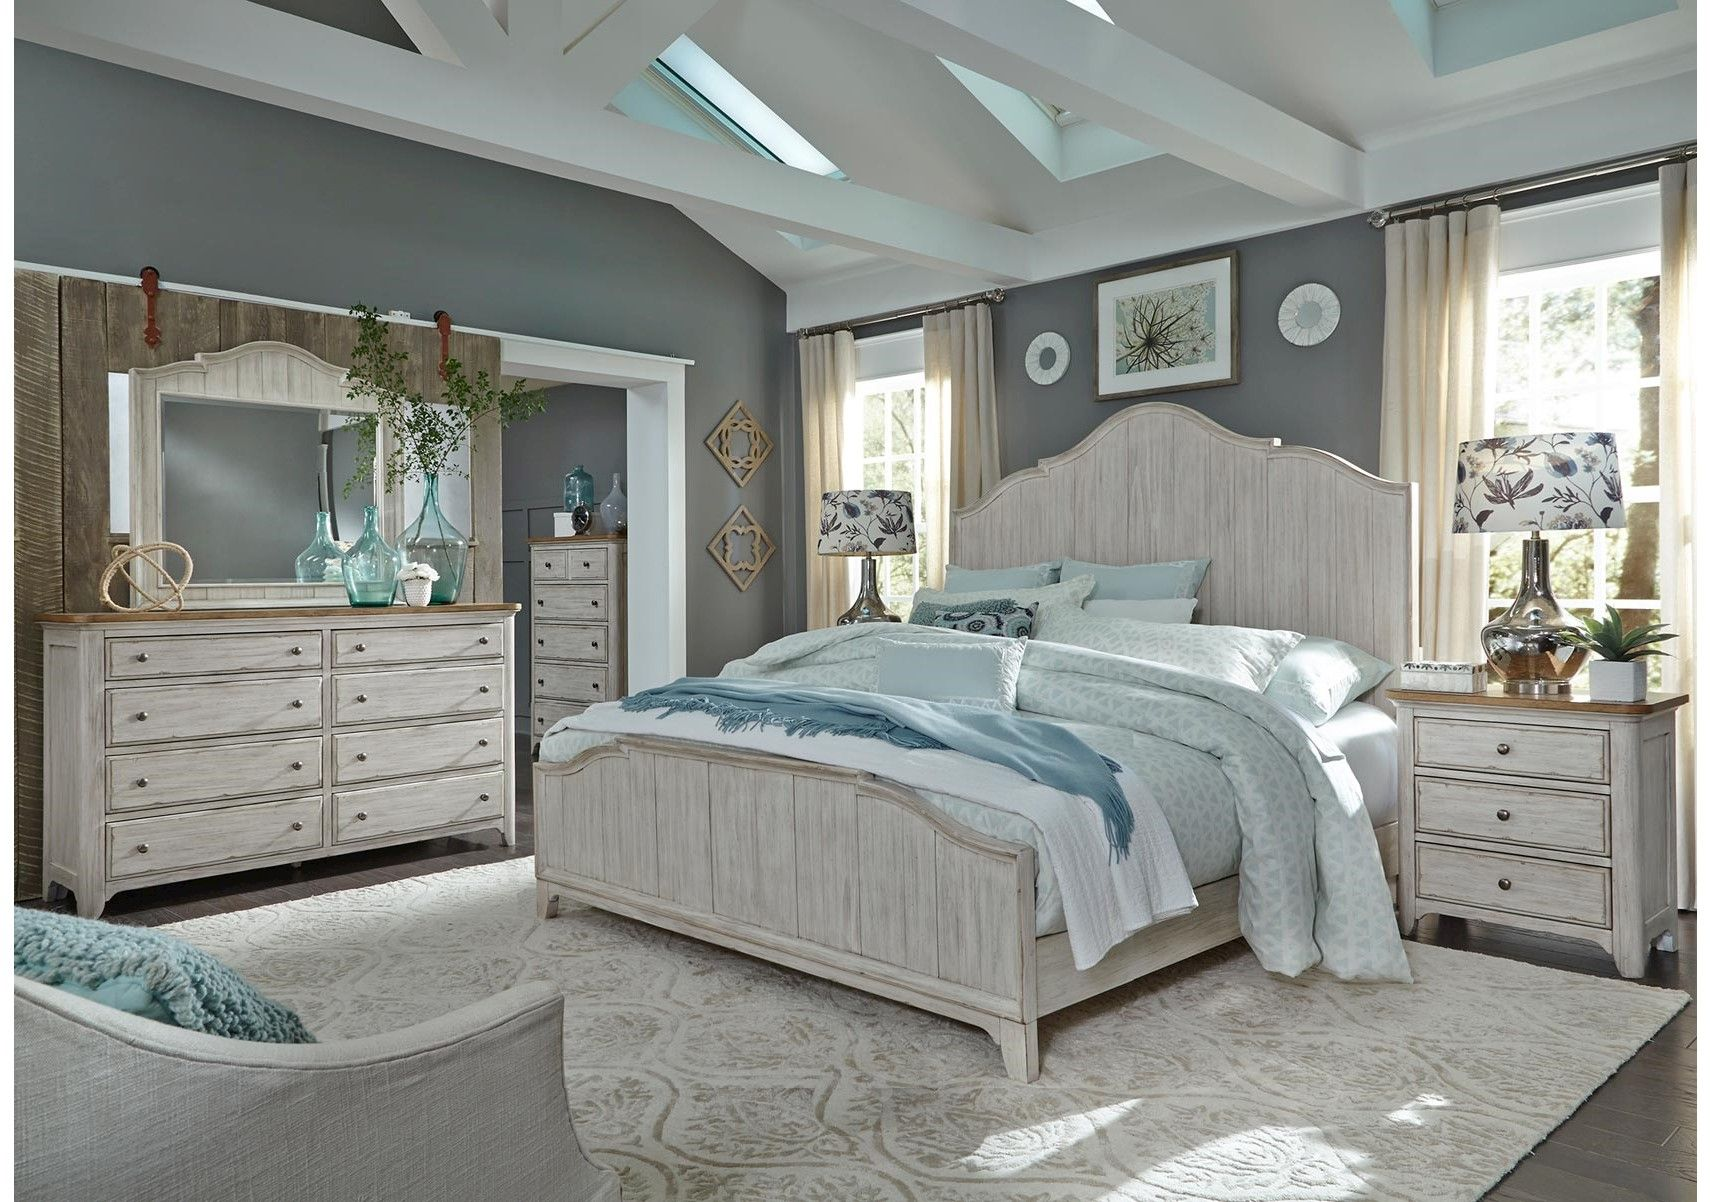 Lacks Farmhouse 4 Pc Queen Bedroom Set Bedroom Furniture Sets